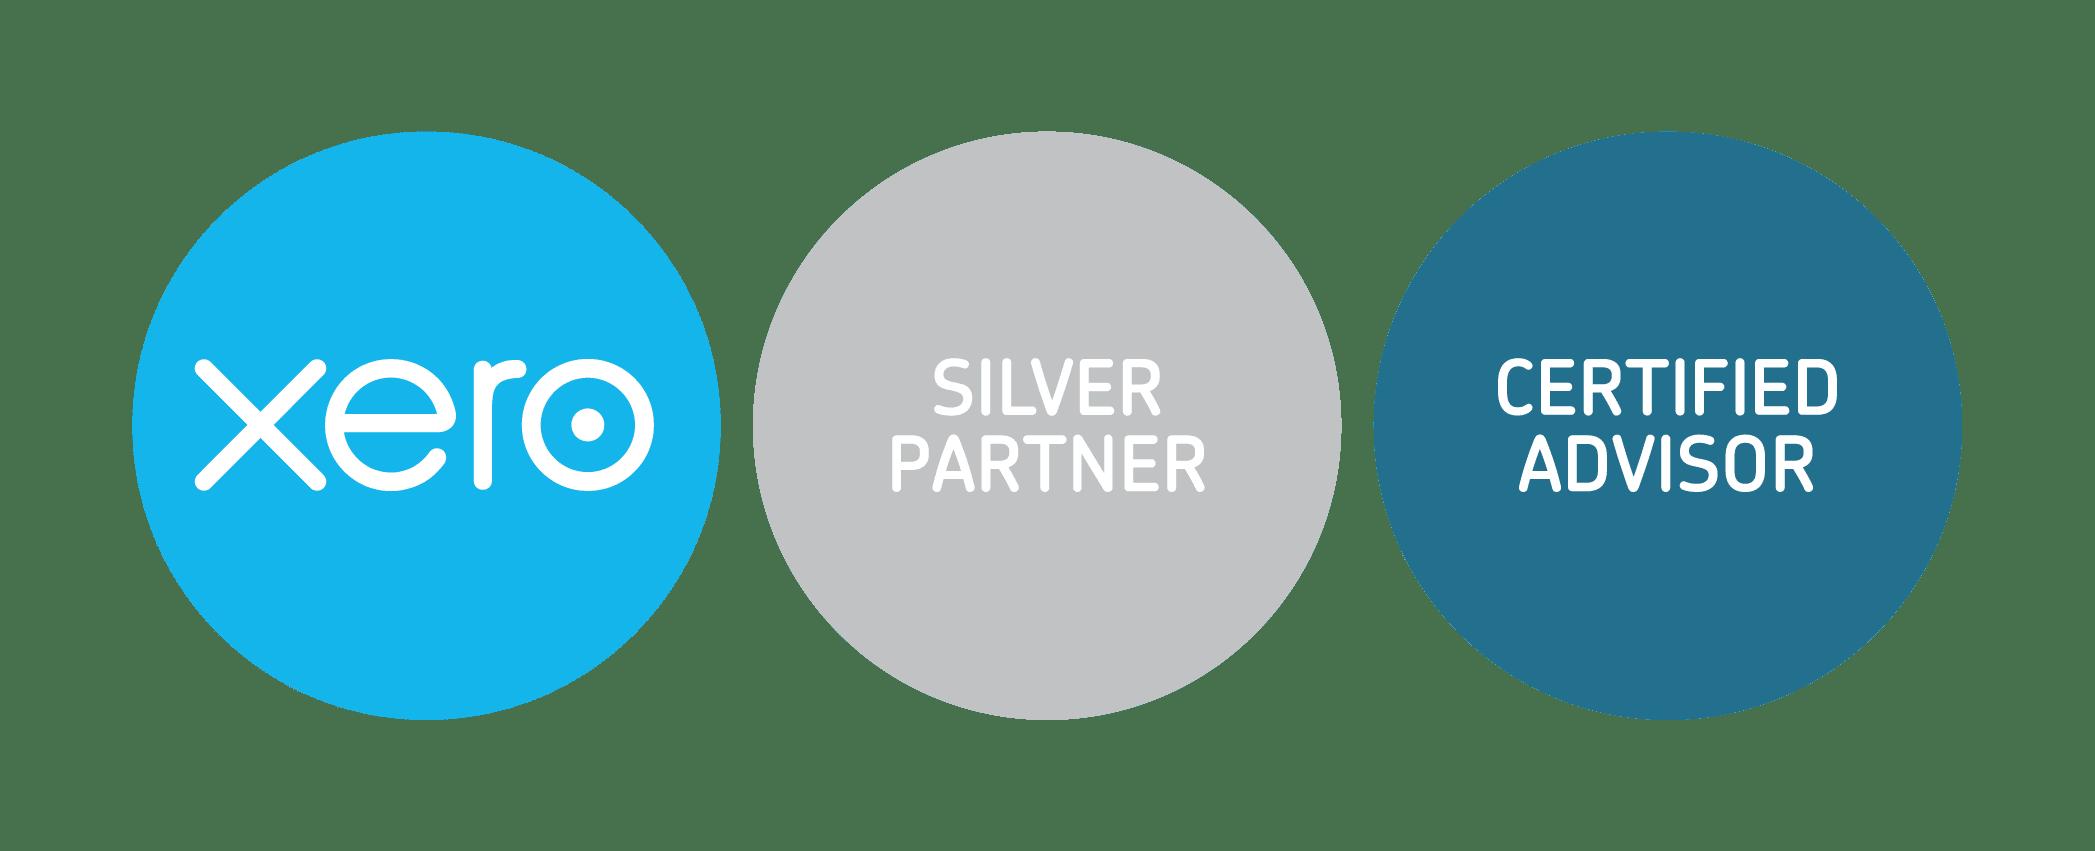 xero-silver-partner-cert-advisor